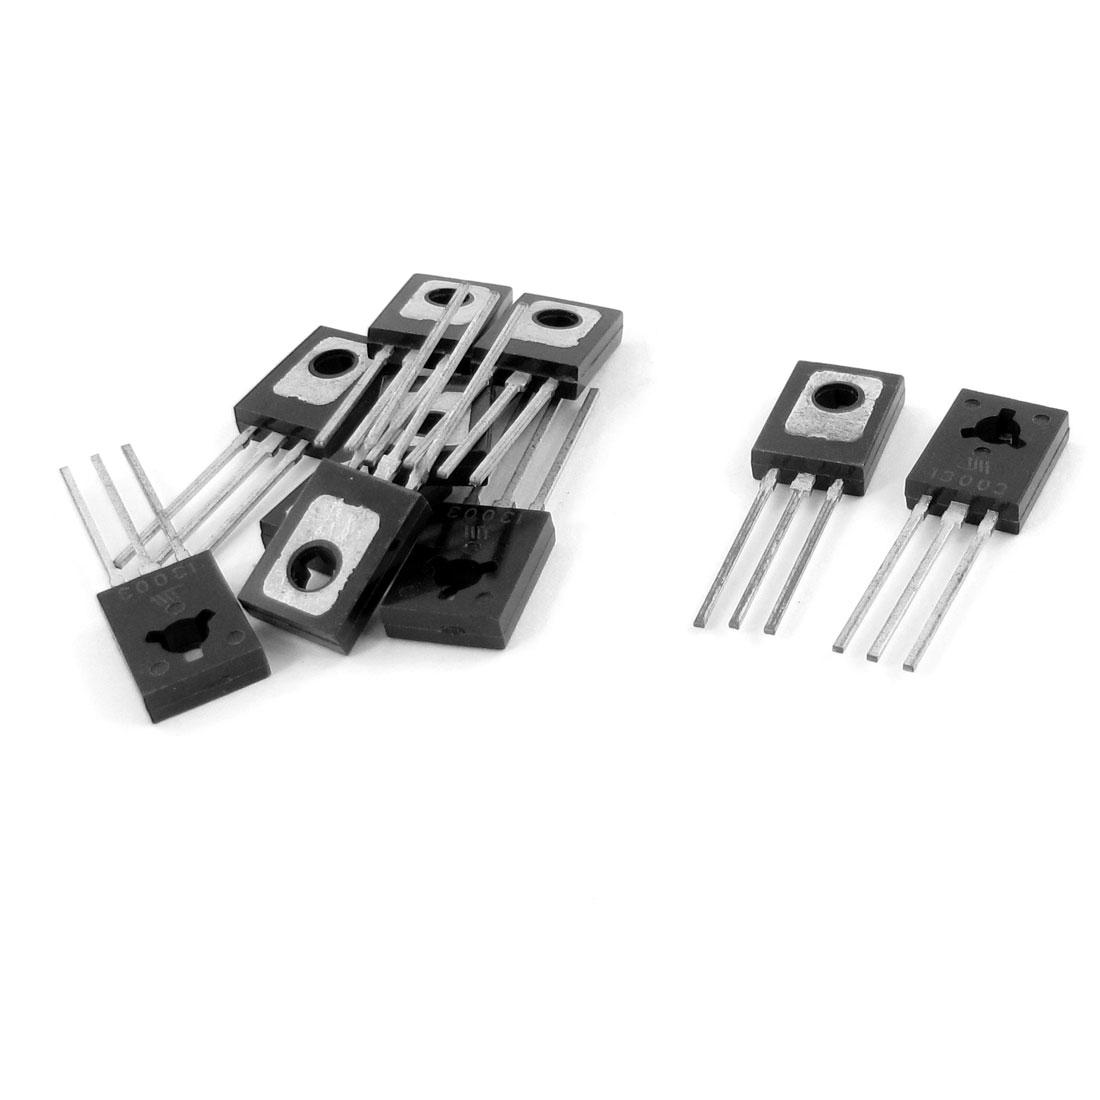 10 Pcs MJE13003 3-terminal 2A Collector Current General Purpose NPN Transistors